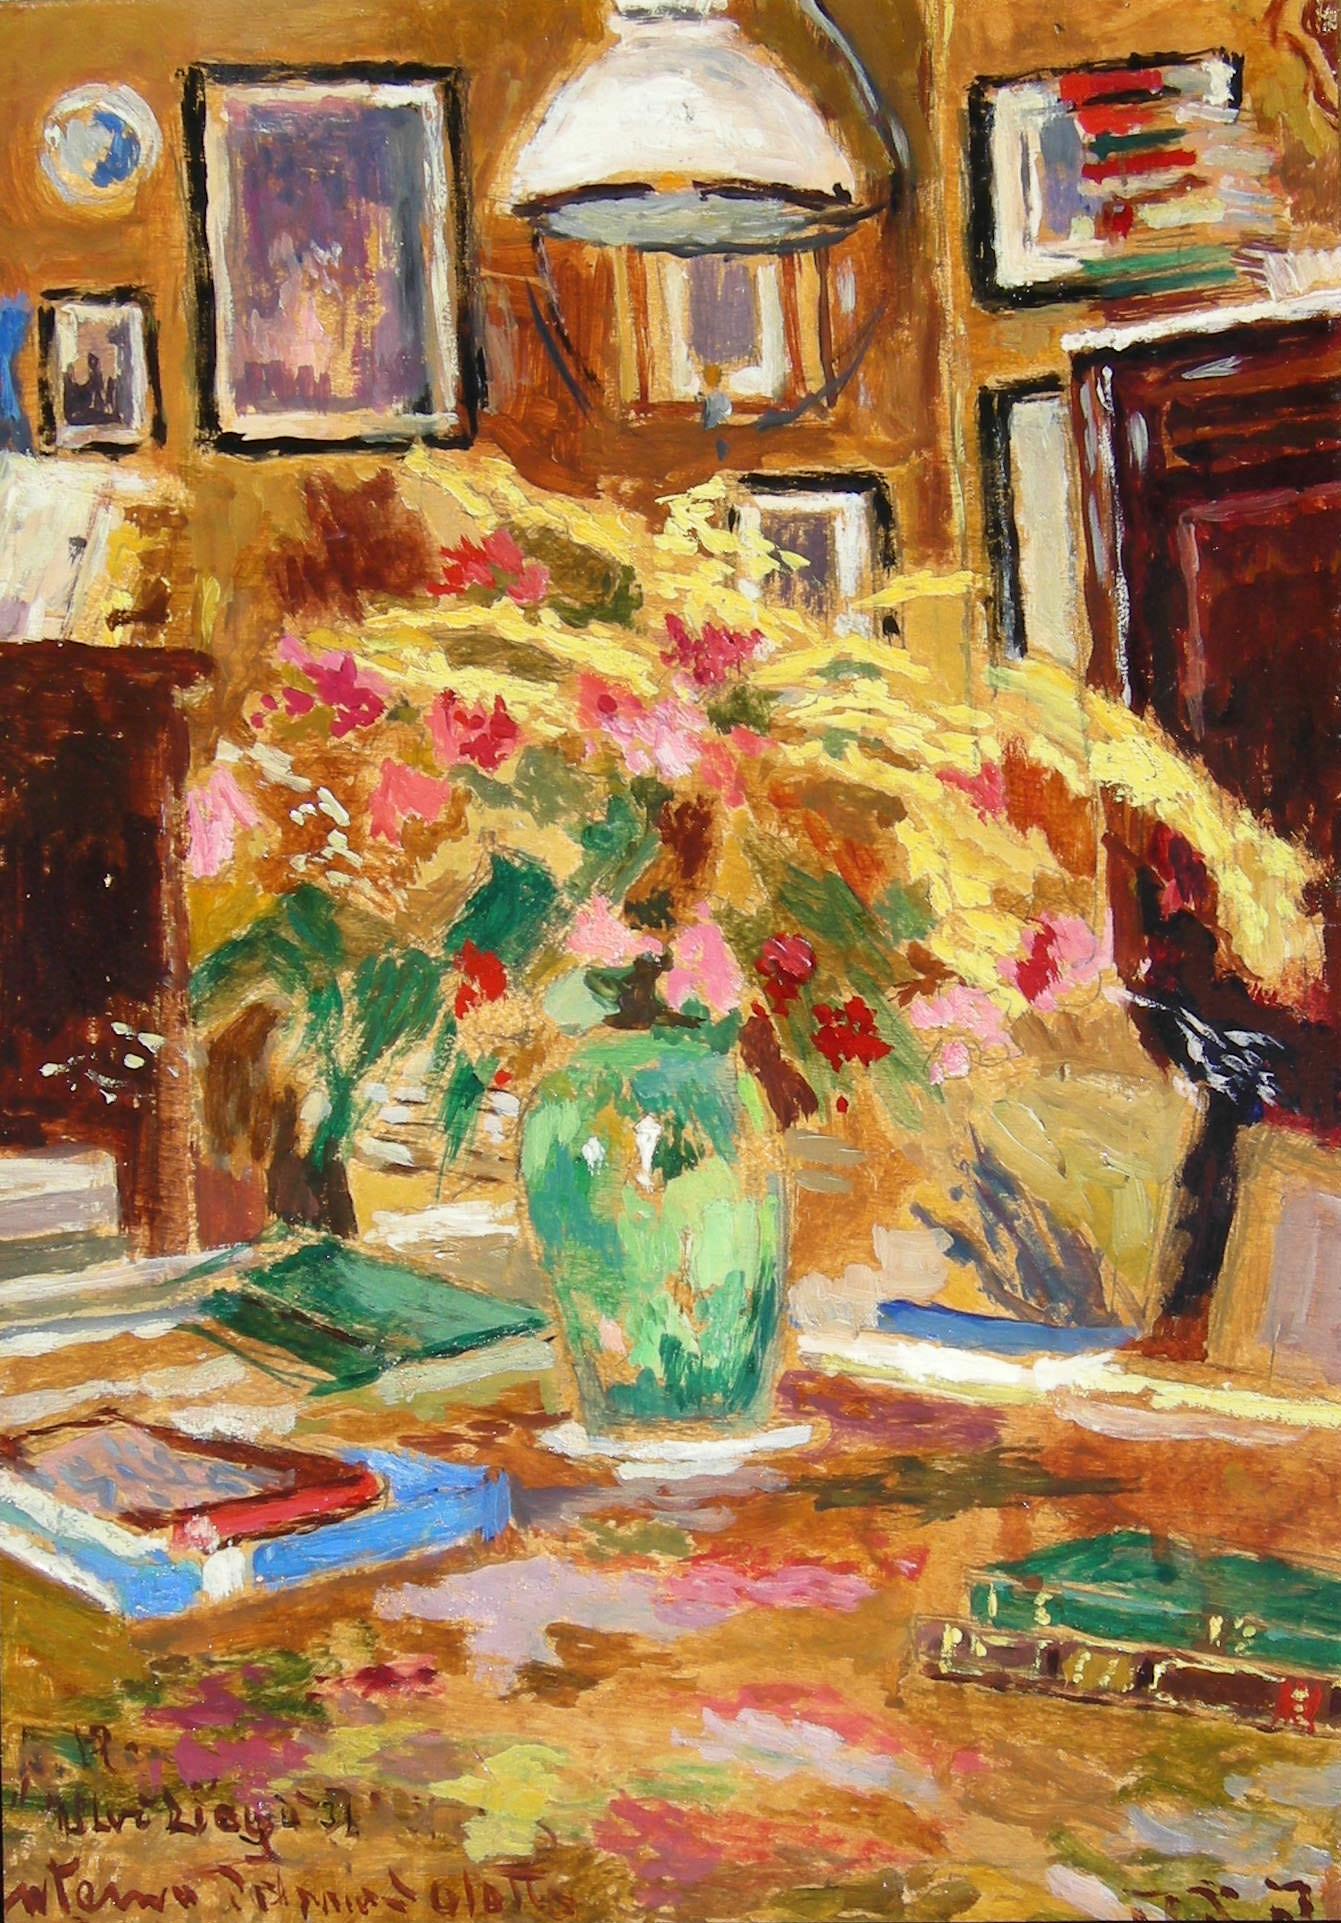 Una raffinata selezione di dipinti di Ulvi Liegi protagonista della stagione della Fondazione Matteucci